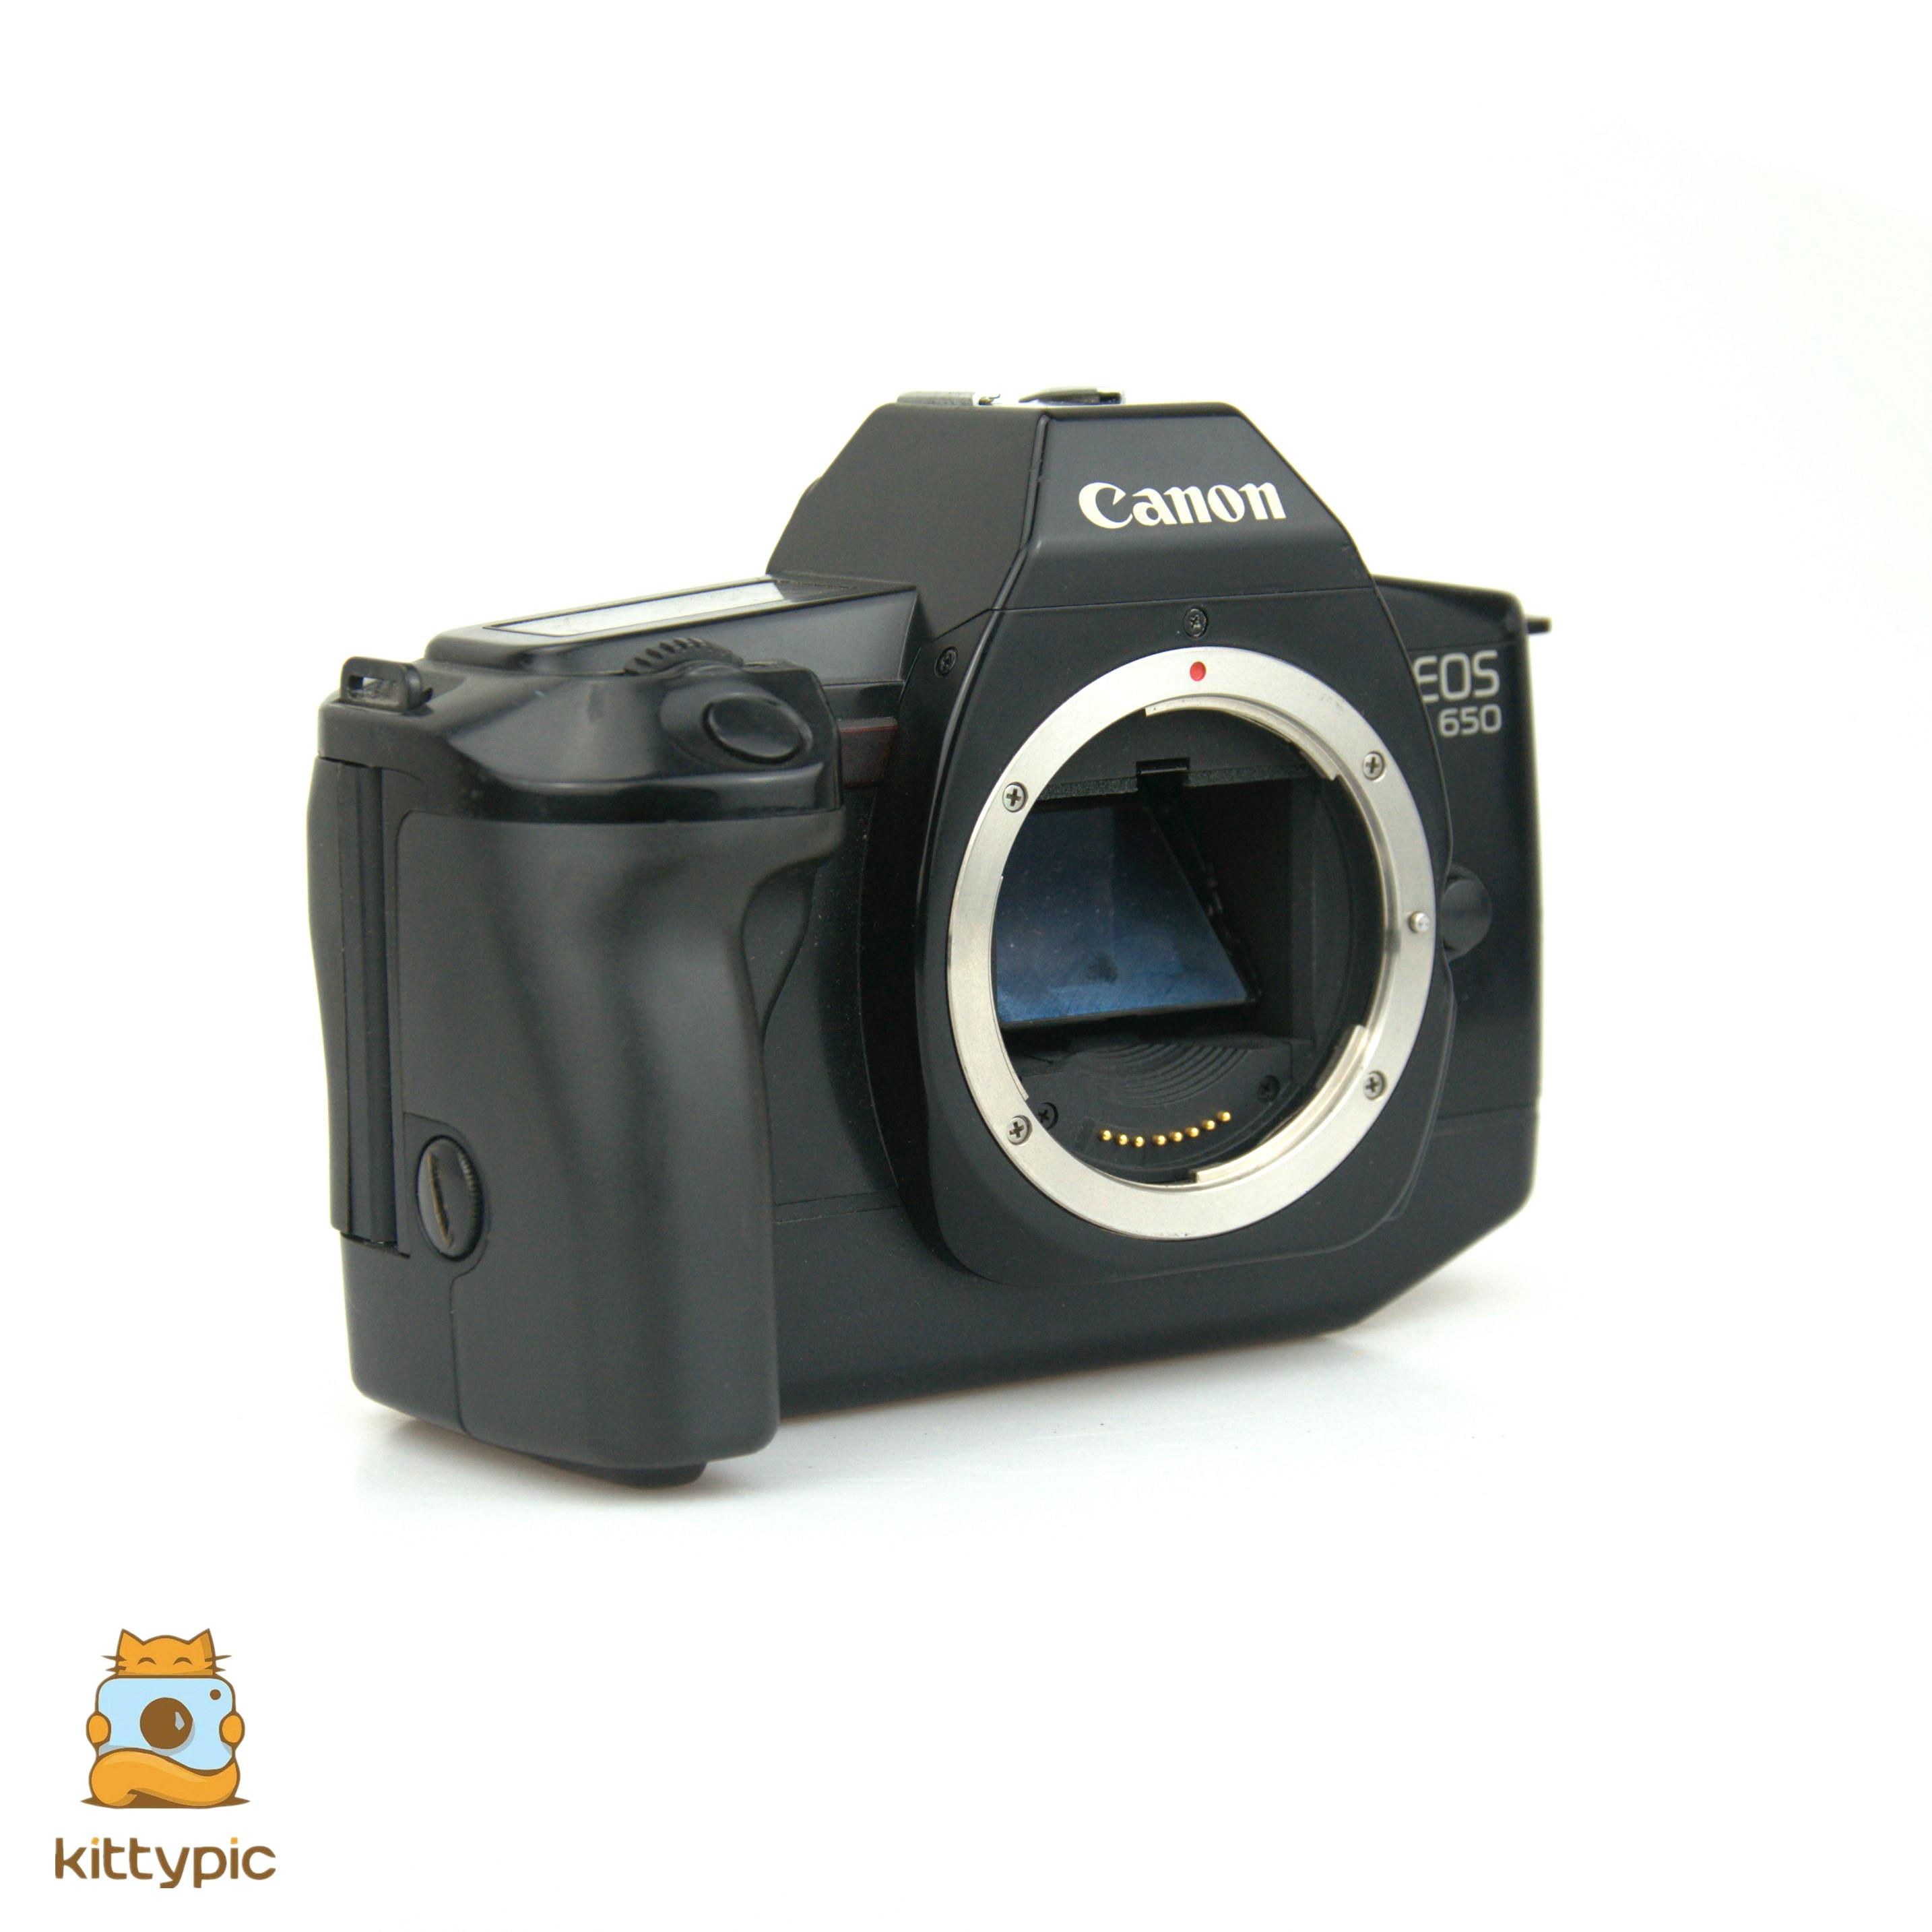 【特价】佳能EOS650 胶片相机 Canon EOS 650 自动对焦单反